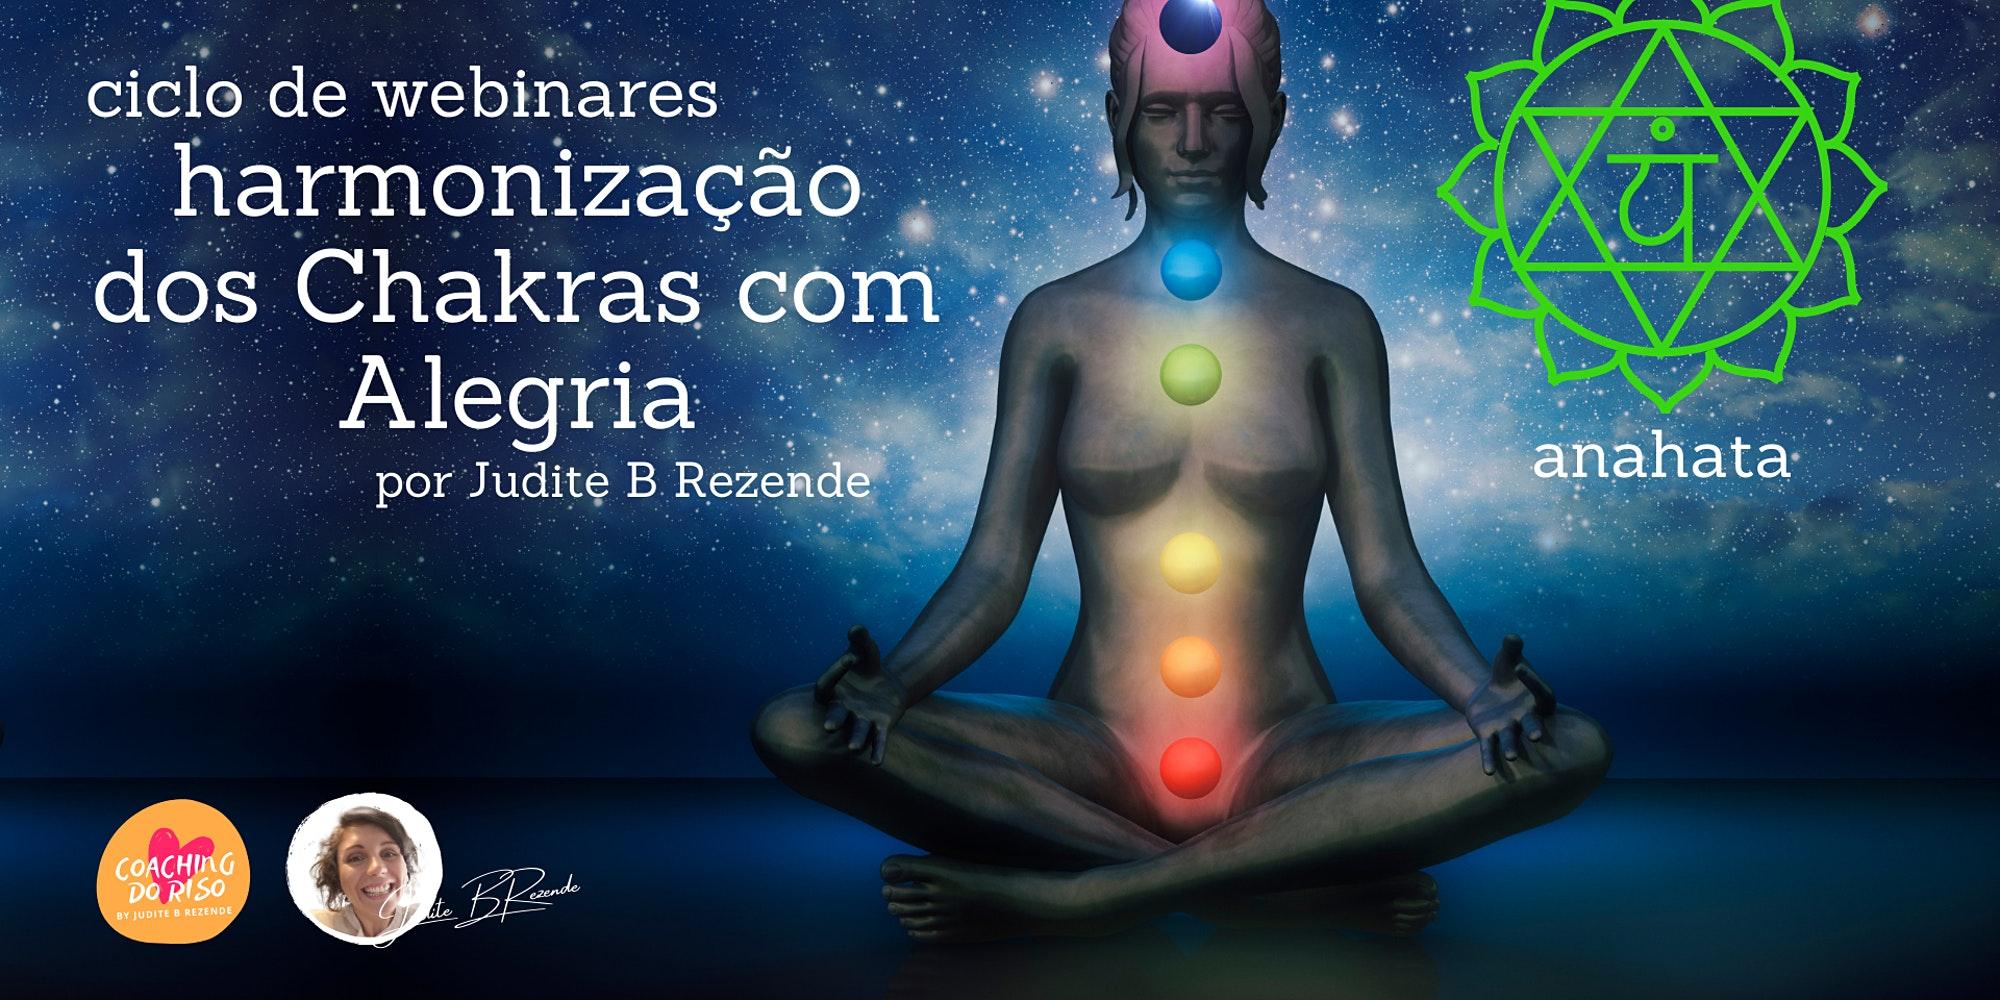 Harmonização dos Chakras com Alegria - Anahata